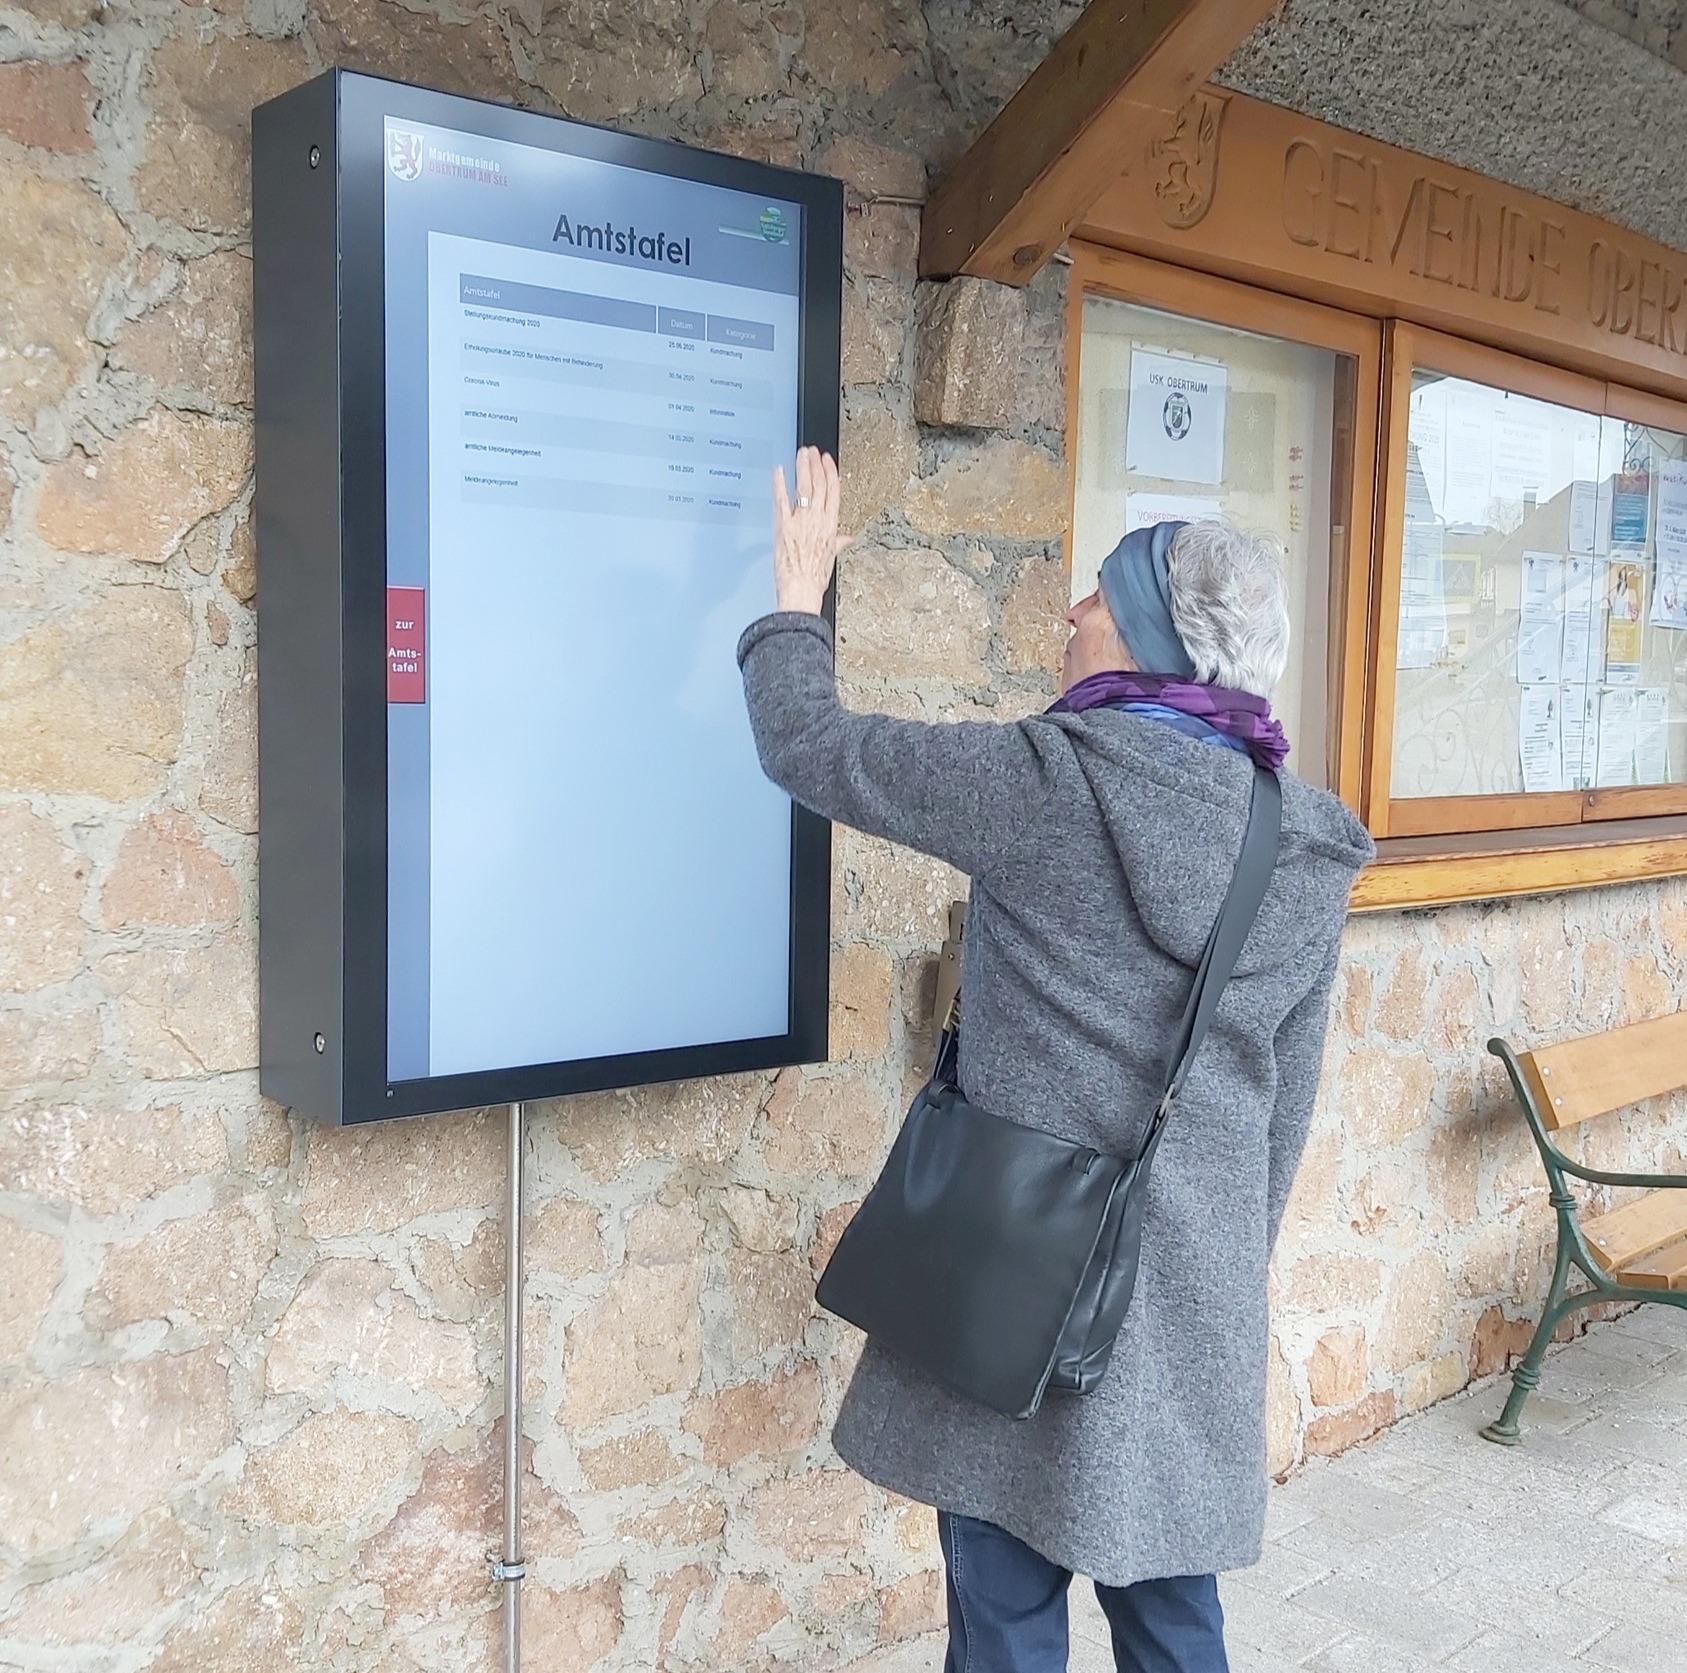 Digitale Amtstafel hochformat in Obertrum Kirchenmauer